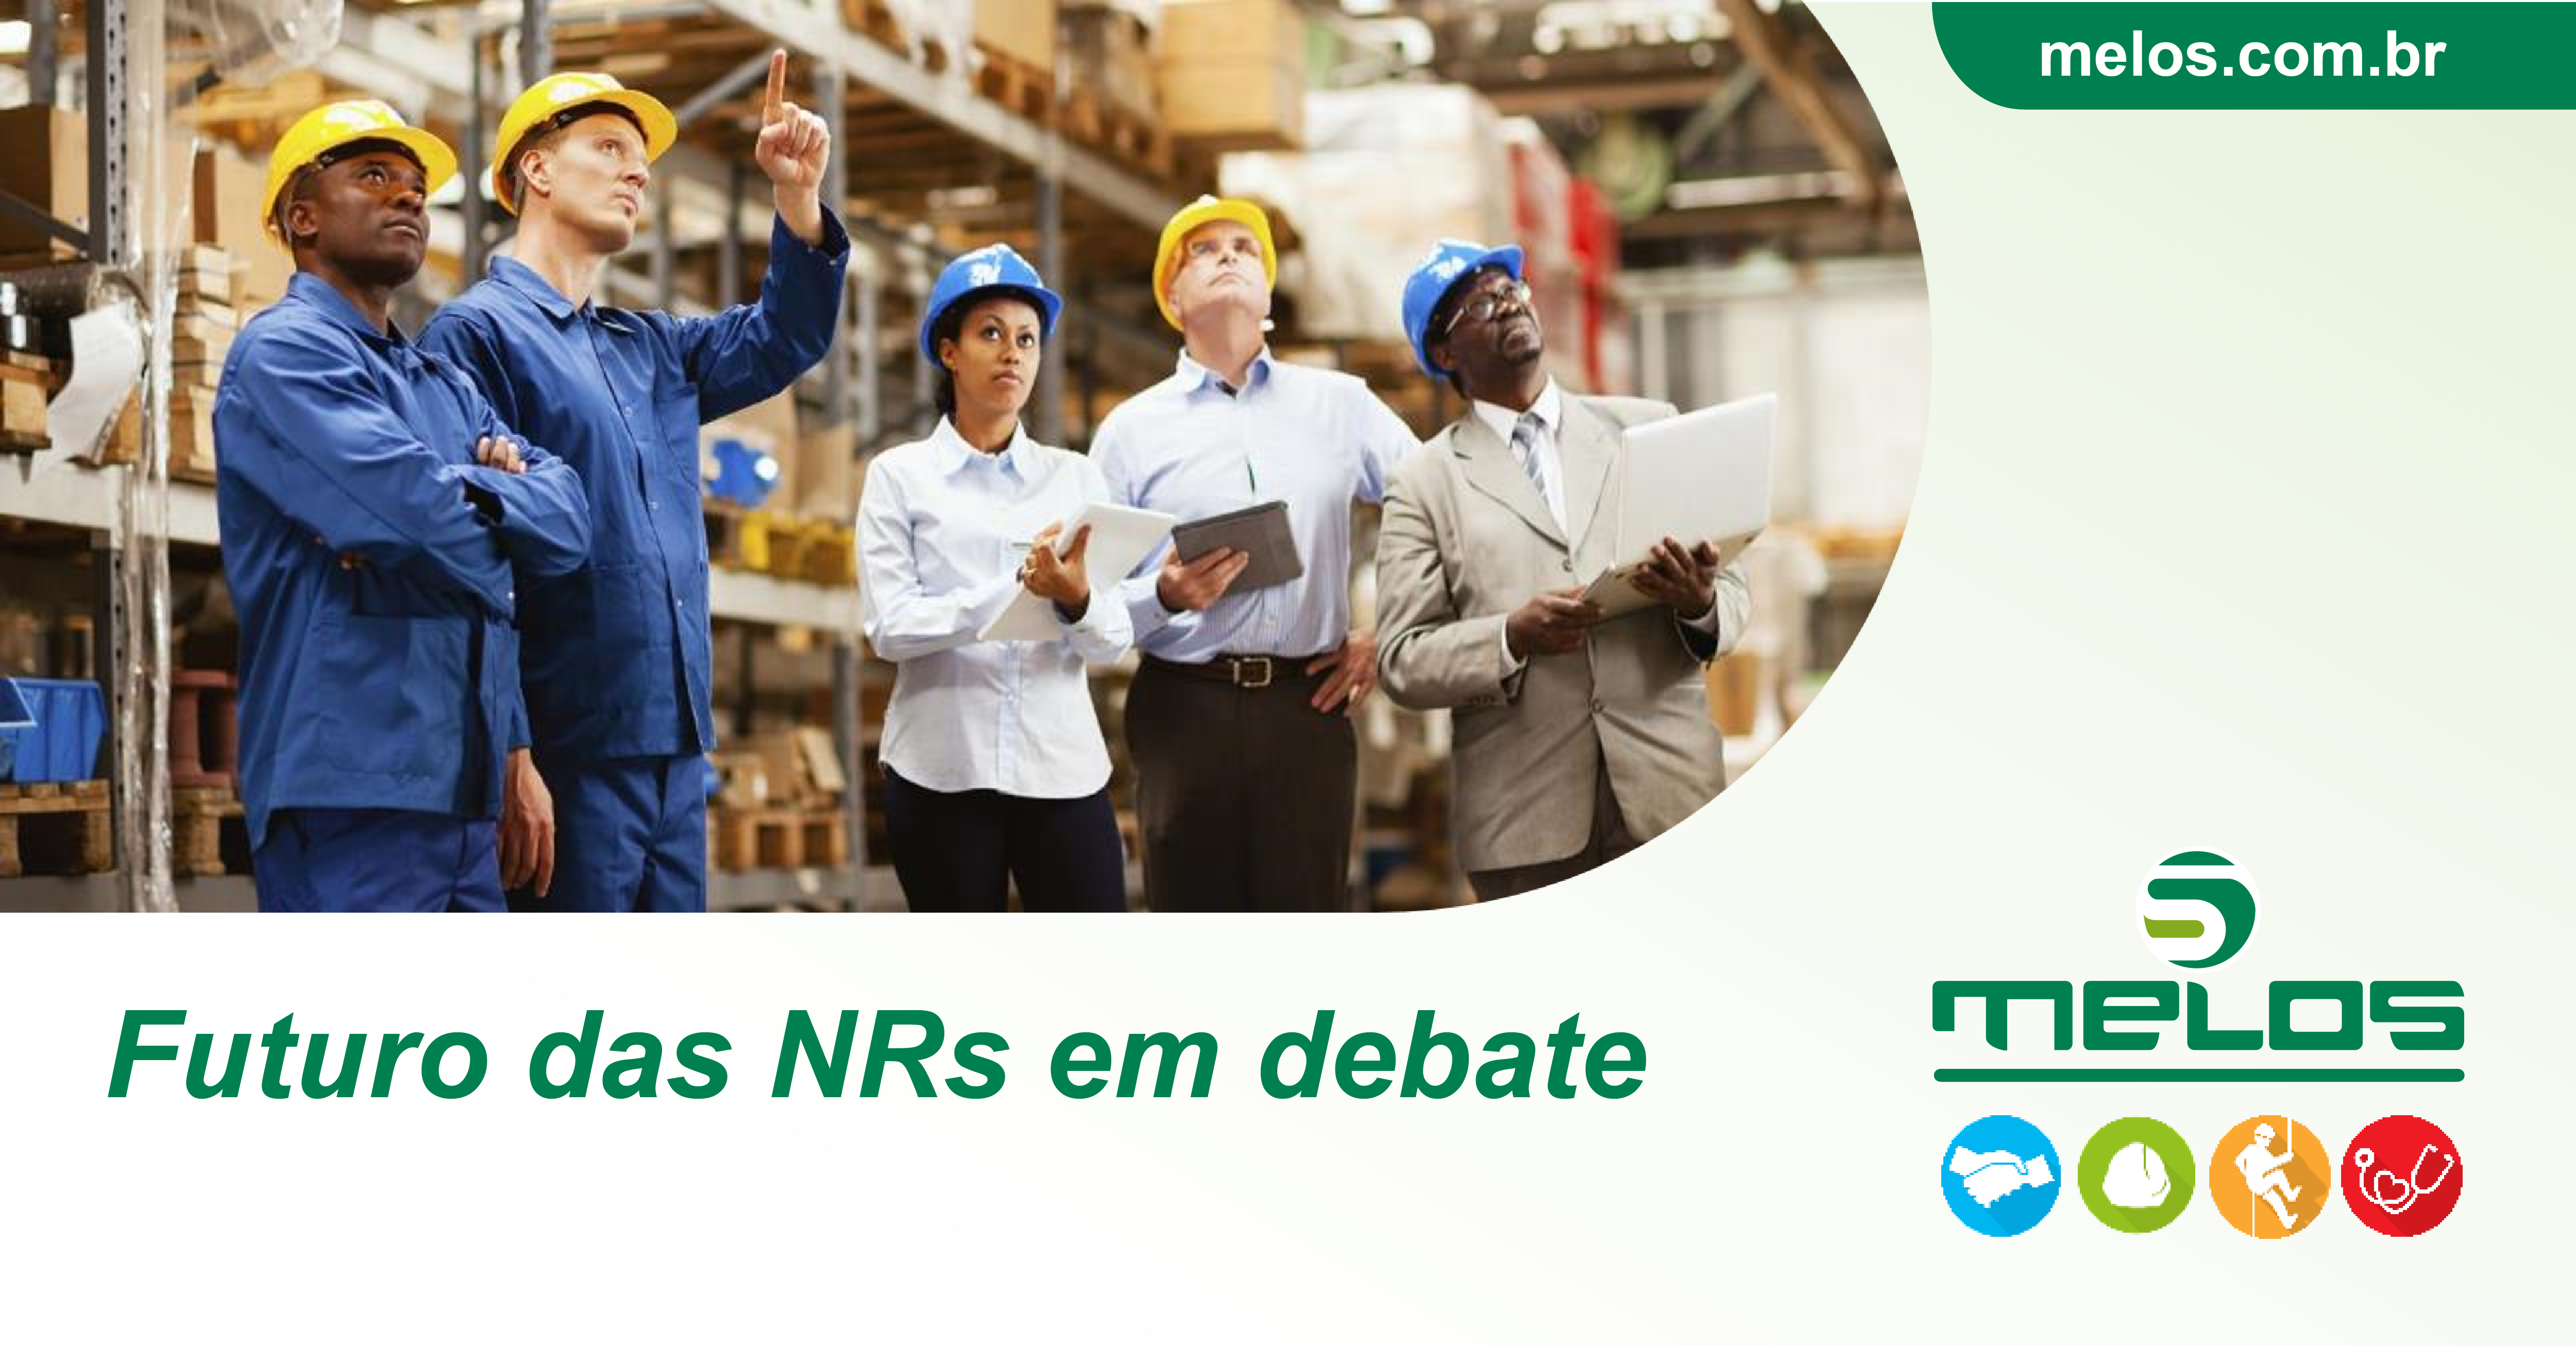 Futuro das NRs